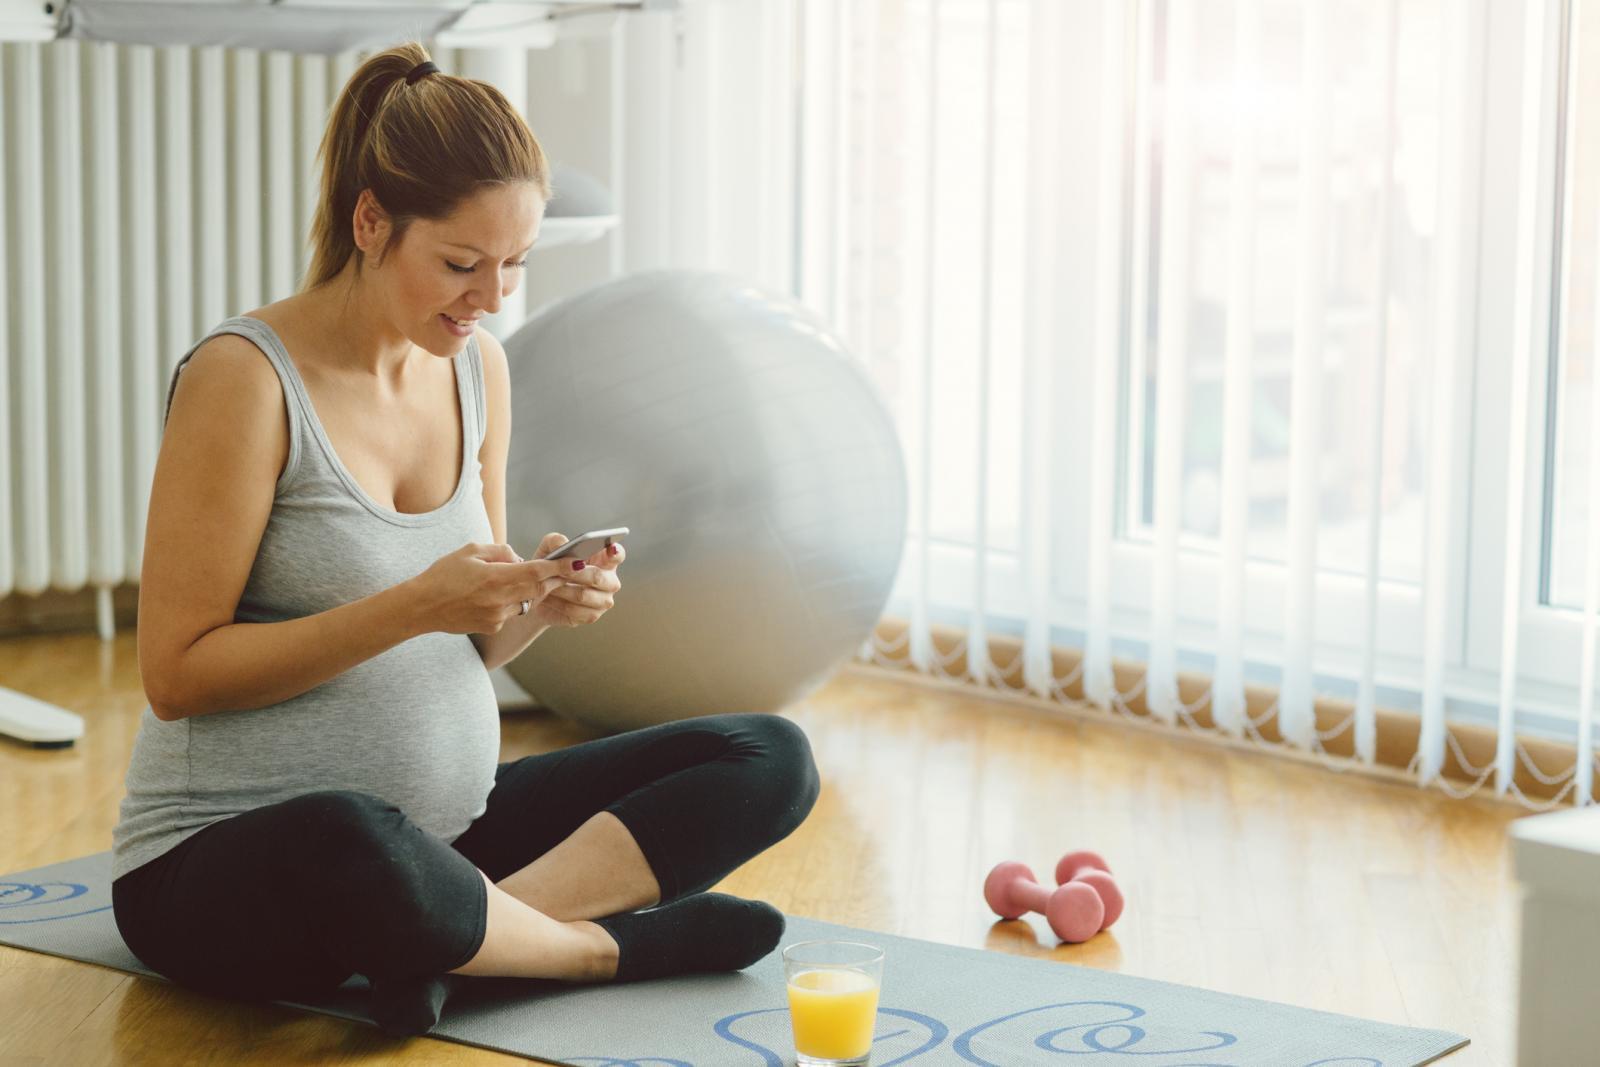 Prije vježbanja ne zaboravite se konzultirati sa svojim liječnikom.